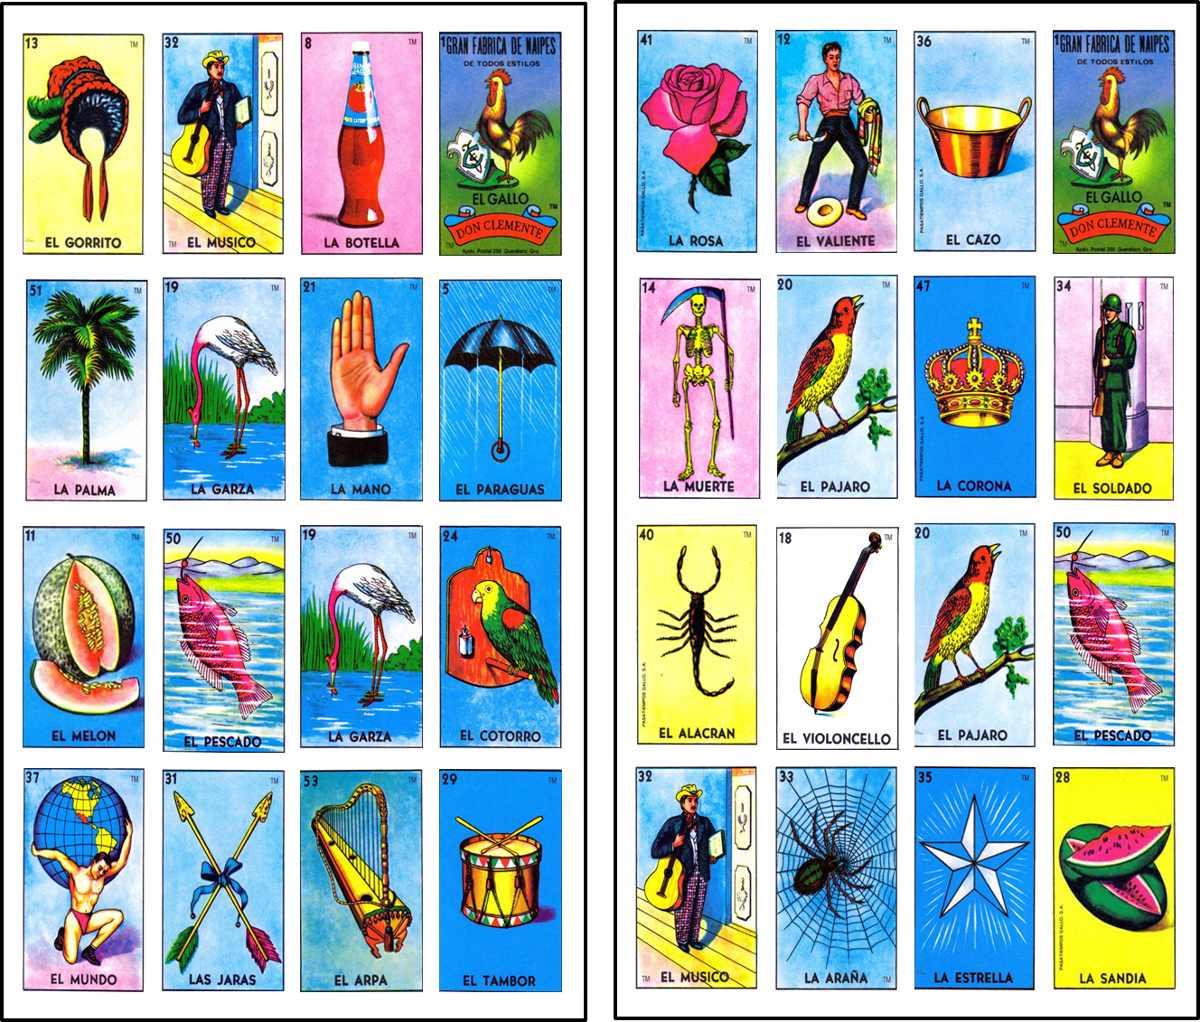 Mexicana Imprimir Para Cartas Loteria